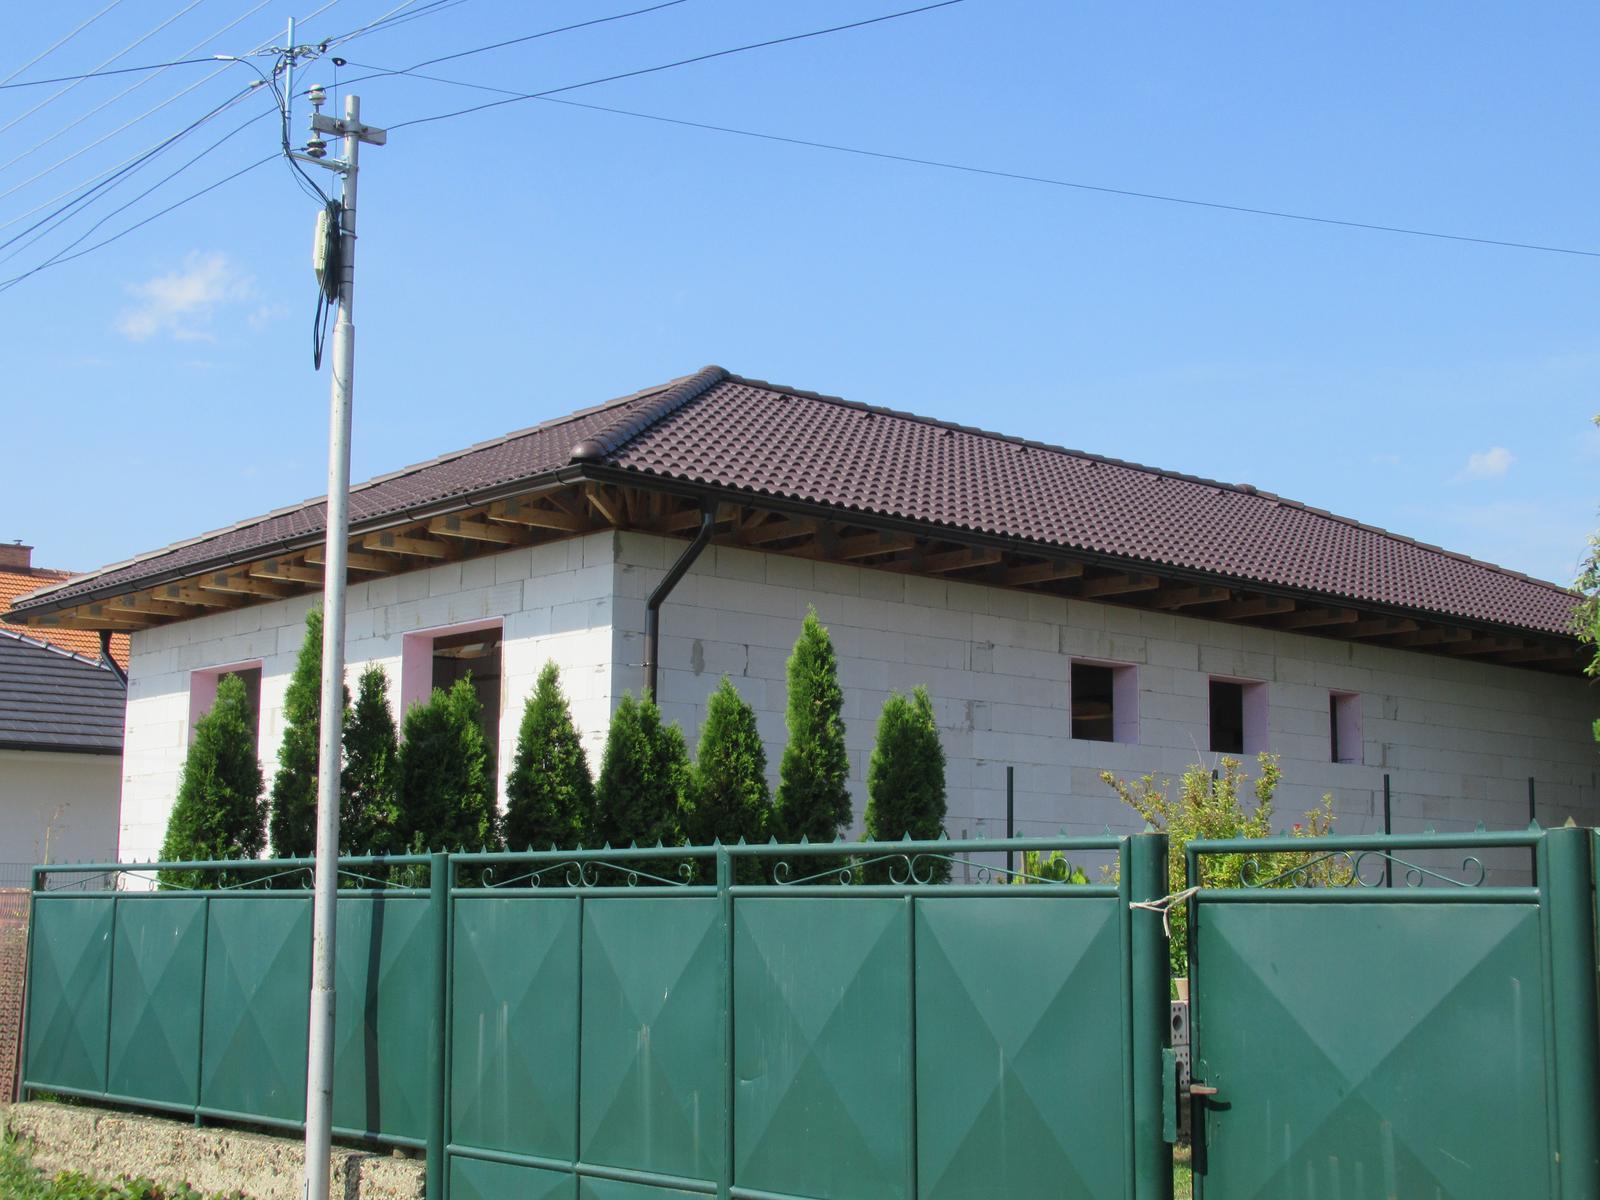 Väzníková strecha na kľúč s krytinou Terran Danubia EVO Mocca Kmeťovo okr. Nové Zámky - Obrázok č. 3